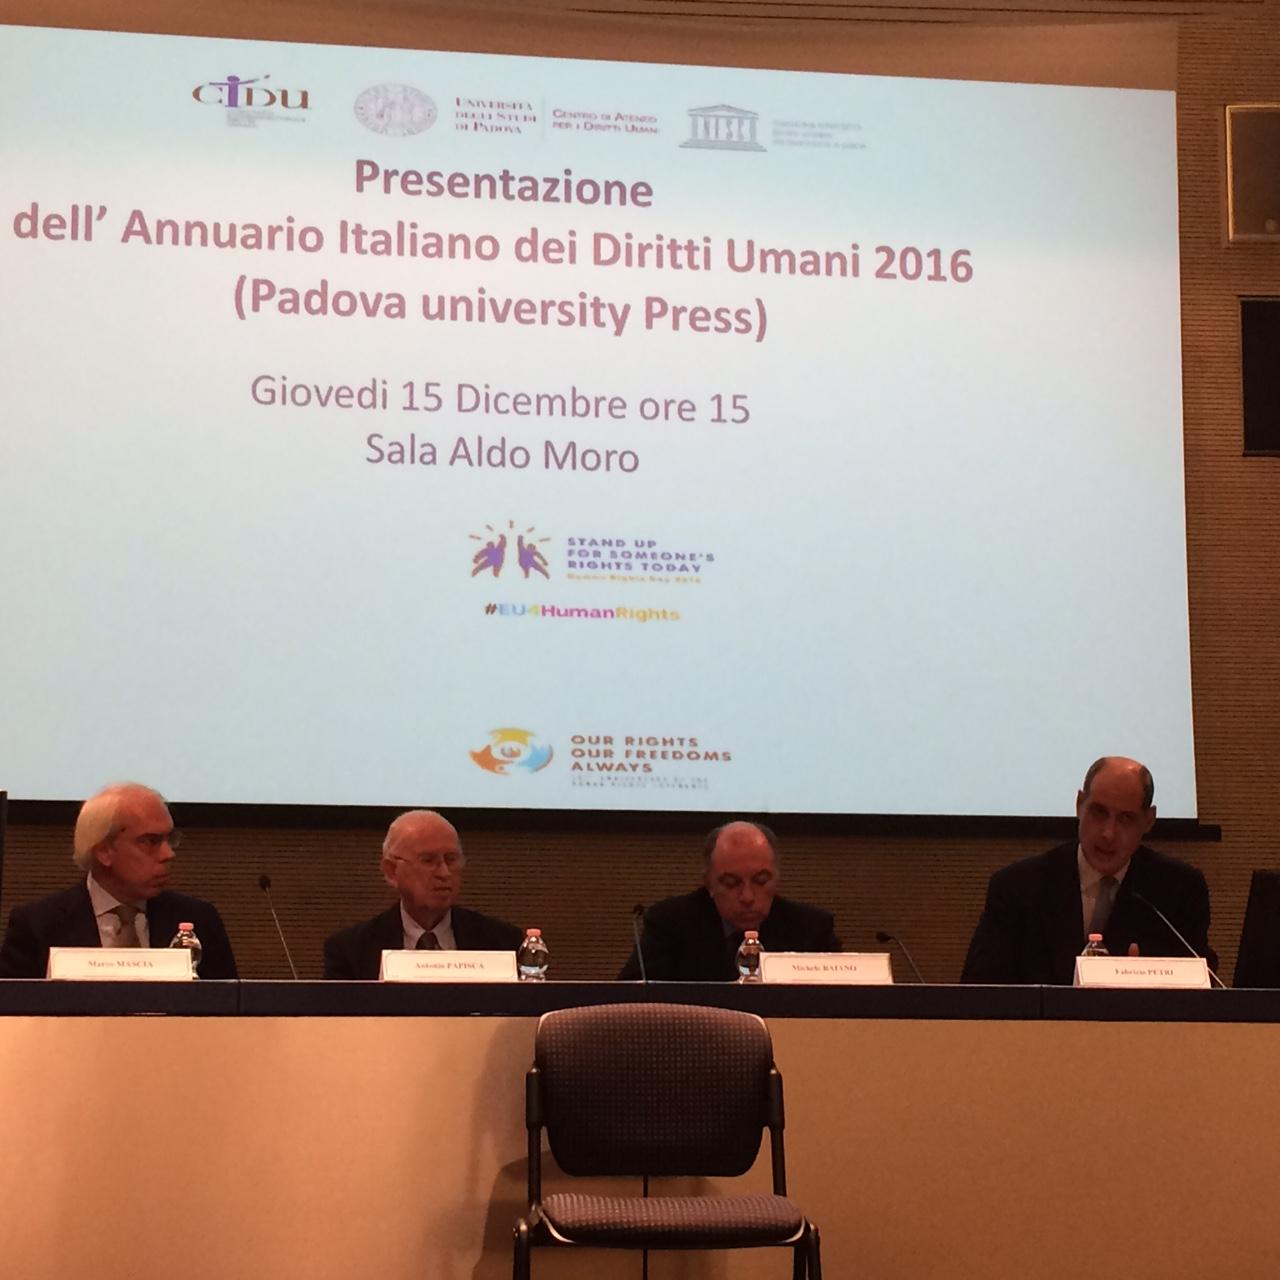 Presentazione Annuario italiano dei diritti umani 2016, Farnesina, Roma, 15 dicembre 2016